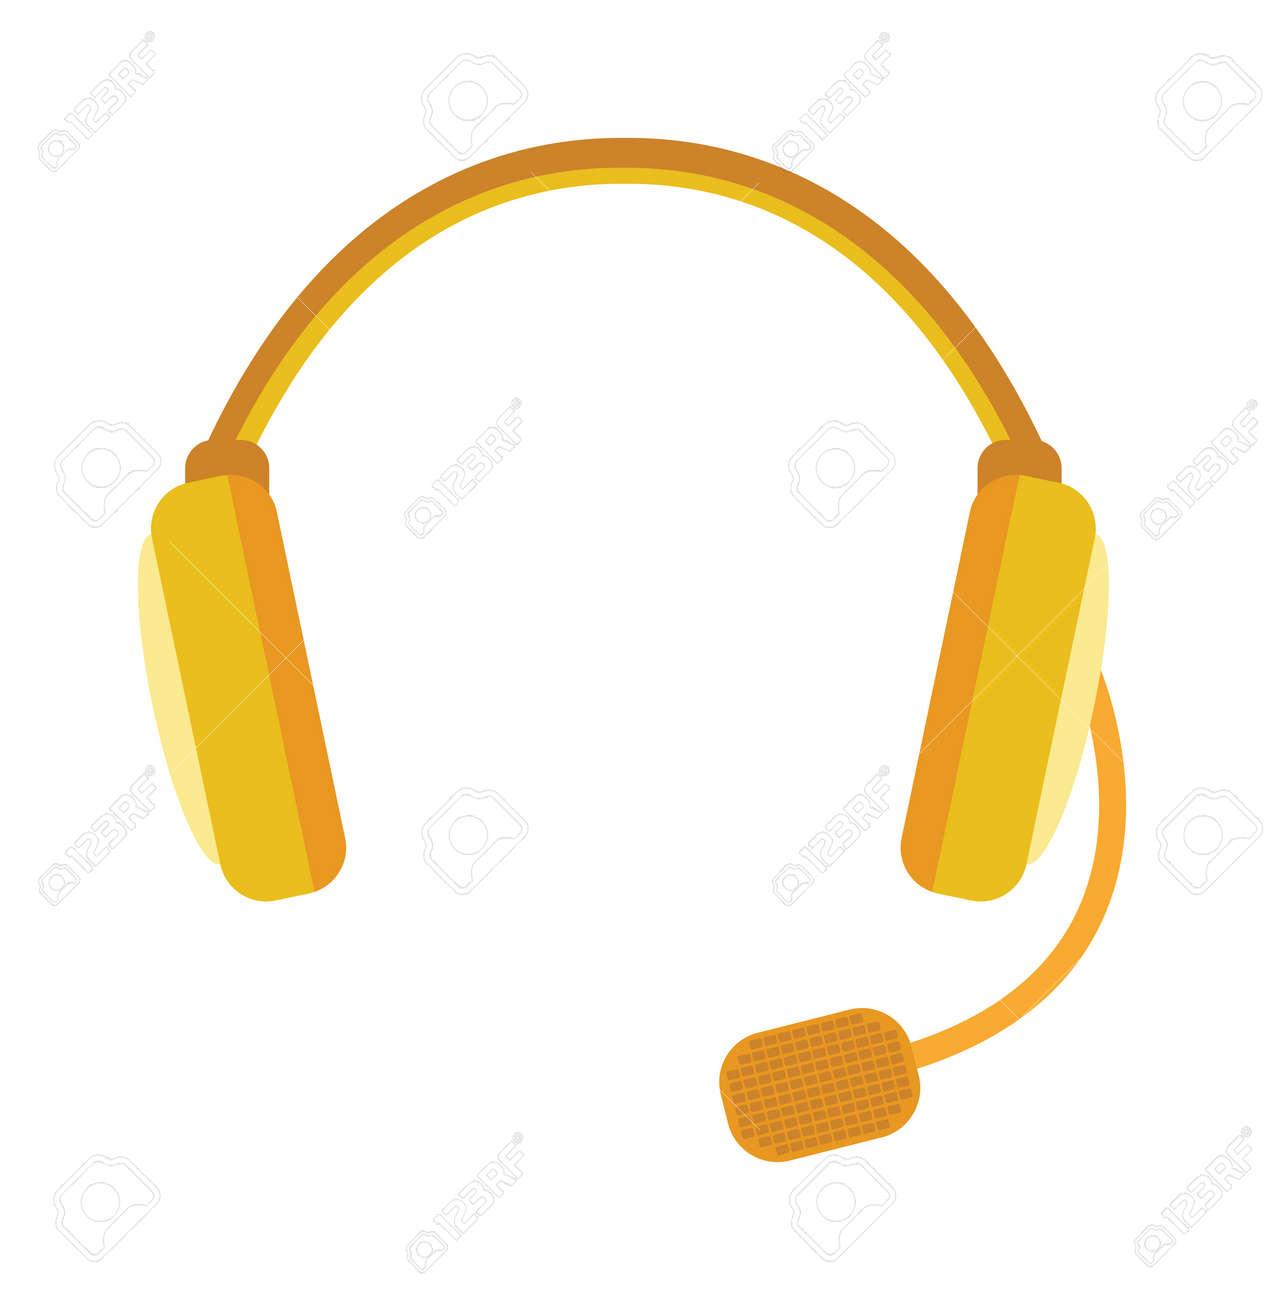 無線ヘッドフォンはベクトル イラストですウェビナー ヘッドフォン ホワイト バック グラウンドに分離されましたいくつかのフラット スタイルのヘッドフォンはベクトル アイコン イラストです